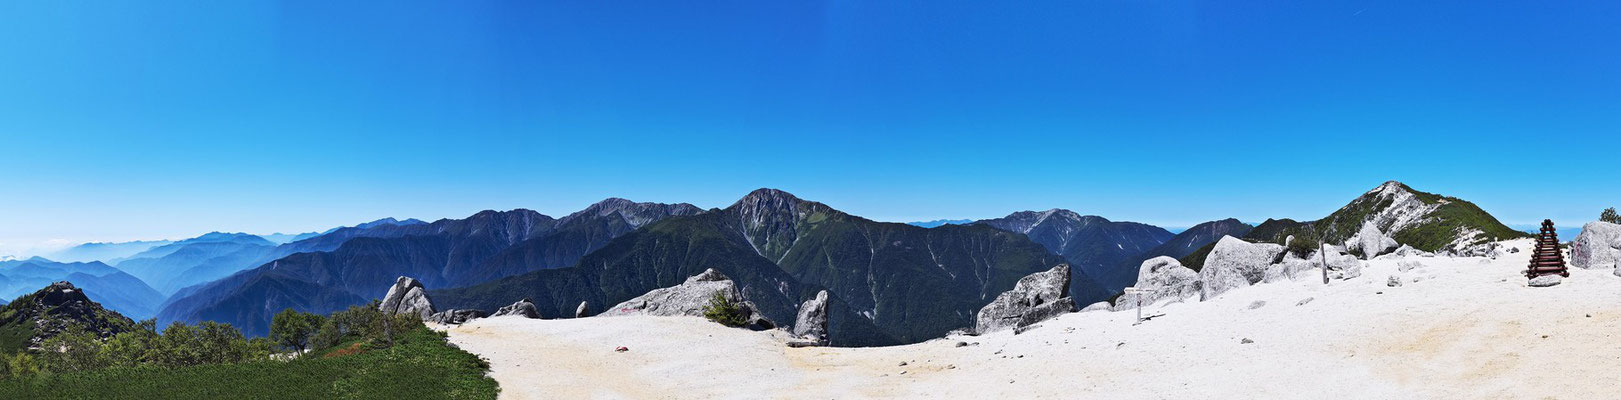 薬師ヶ岳(鳳凰山)頂上から360度大パノラマ2